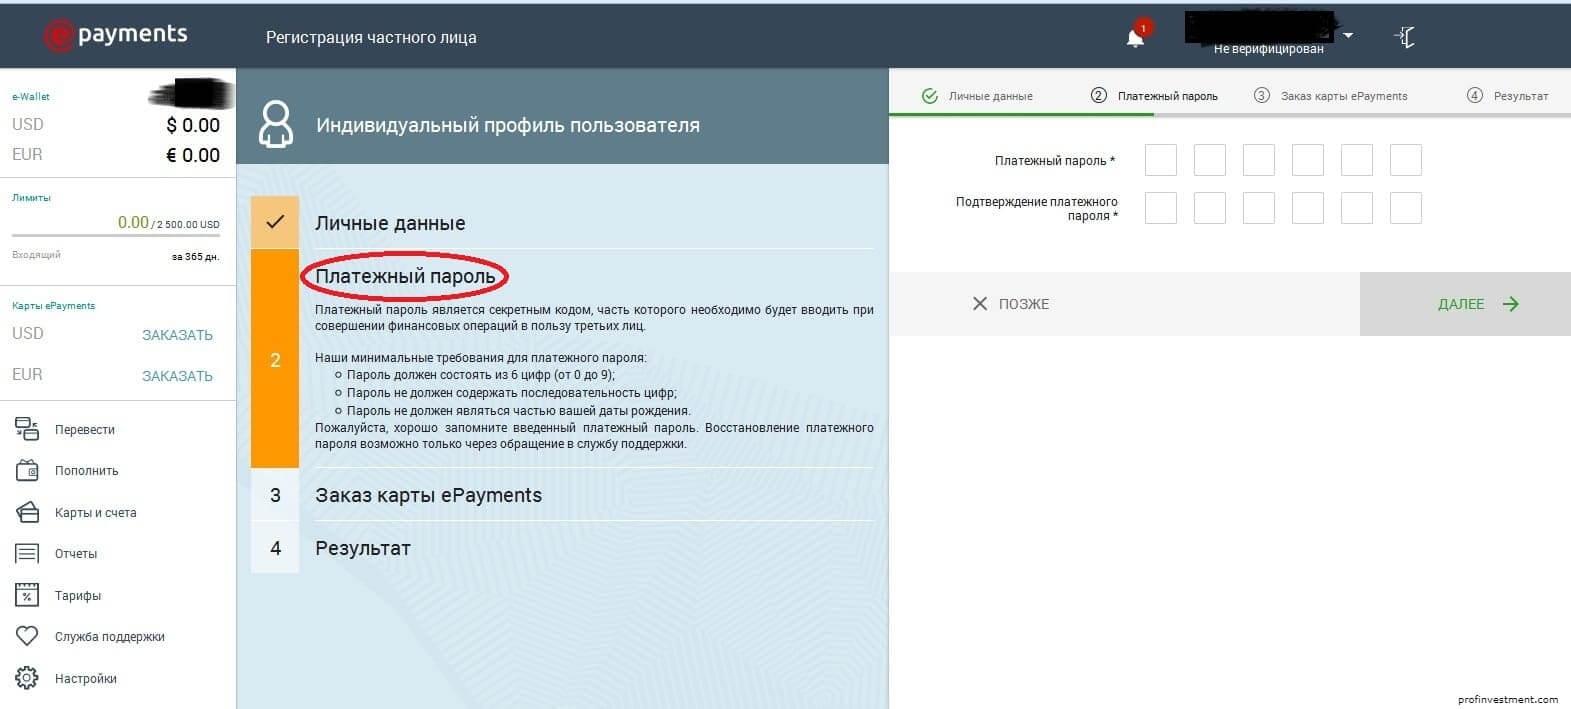 платёжный пароль ePayments